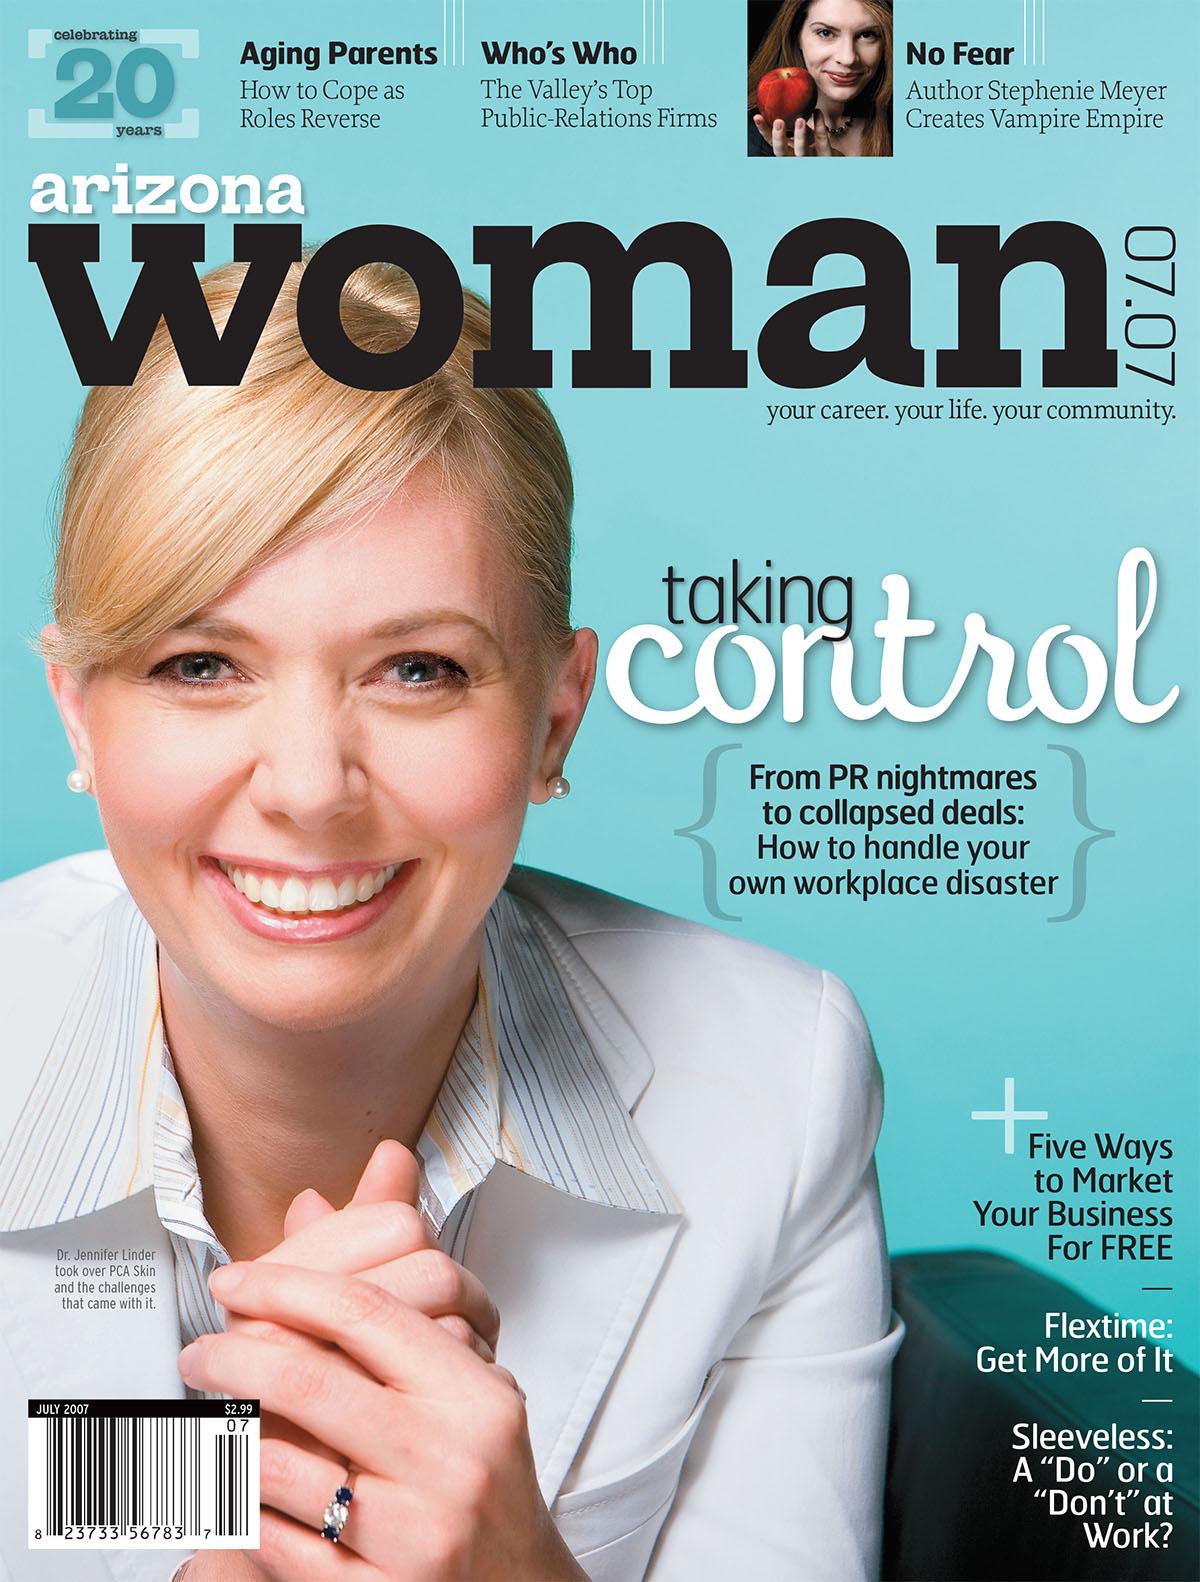 Arizona Woman magazine